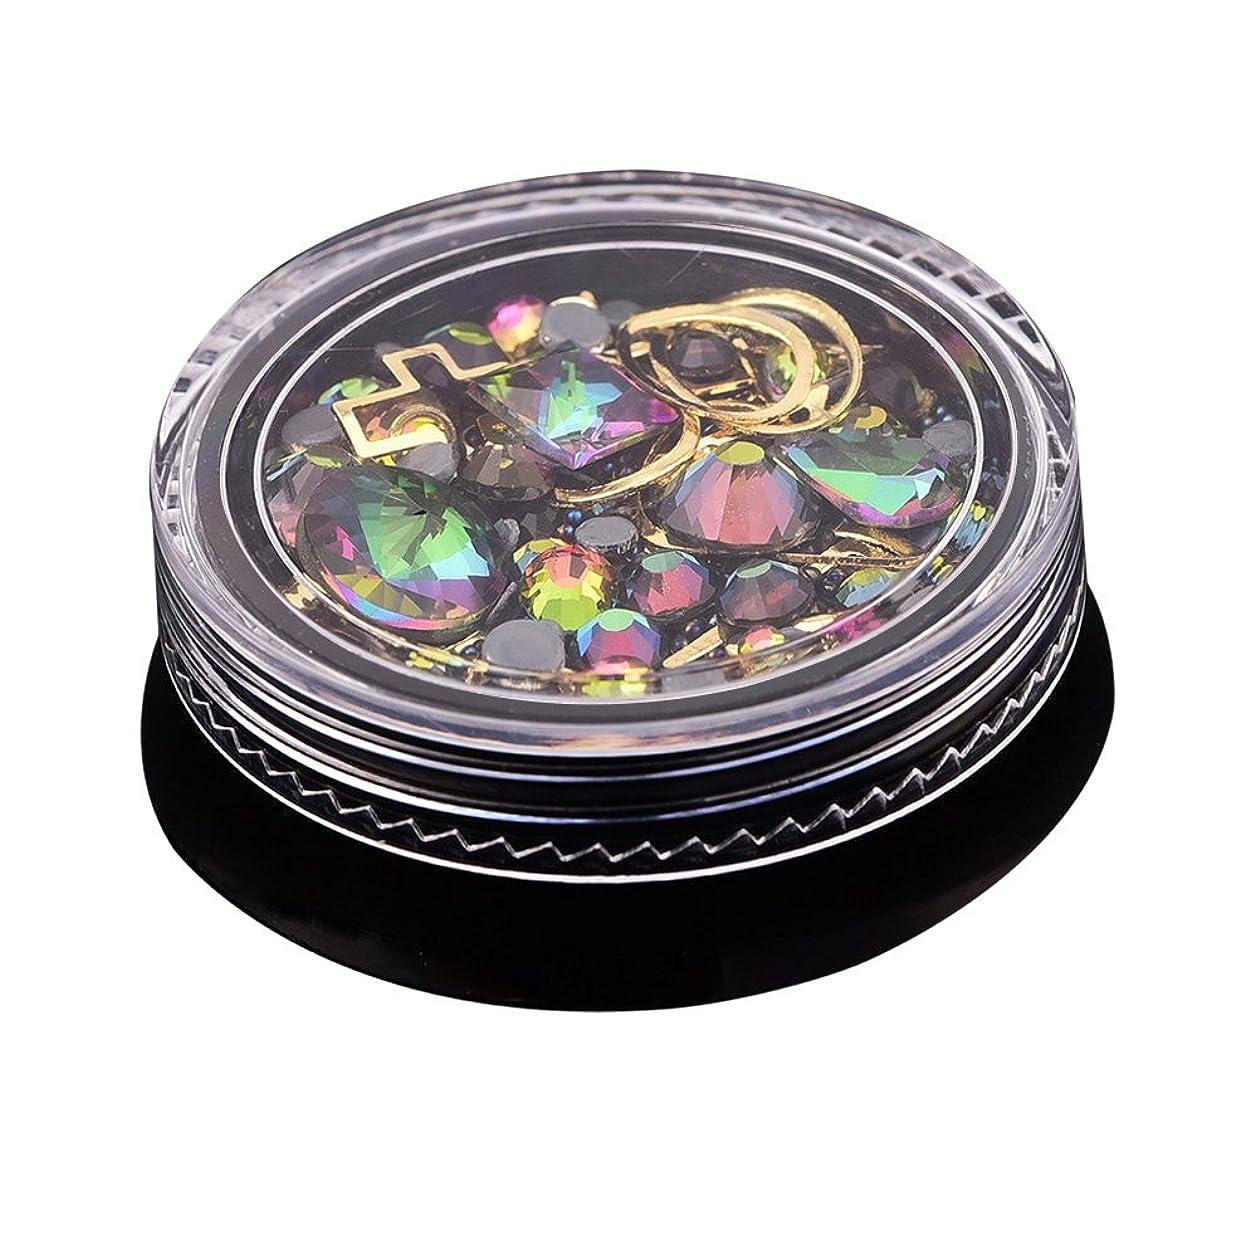 ハイライト脅かす価格WINOMO ネイルアート シール ネイルパーツ ステッカー 3D DIY ラインストーン ダイヤモンド クリスタル ストーン デコレーション レジン ジェルネイル 混在 mix ケース入 4cm 6#